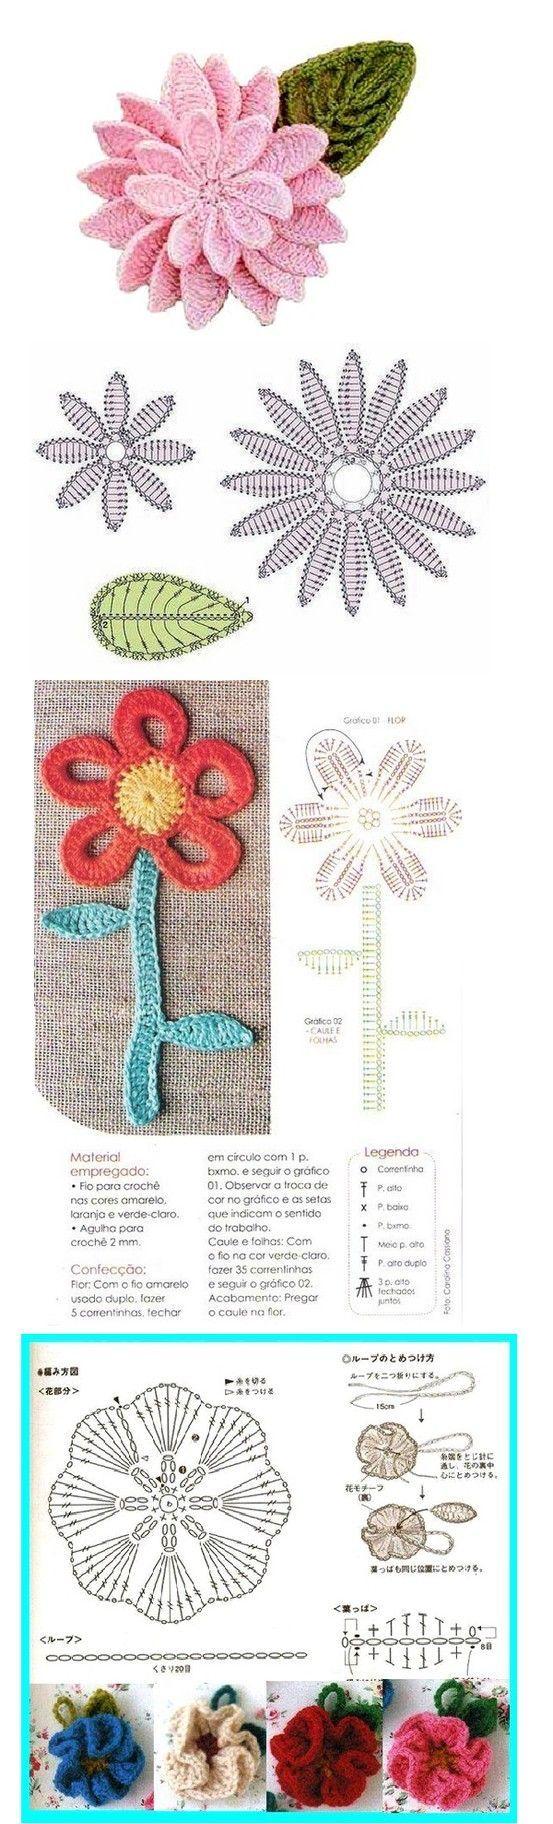 variedad de flores en crochet